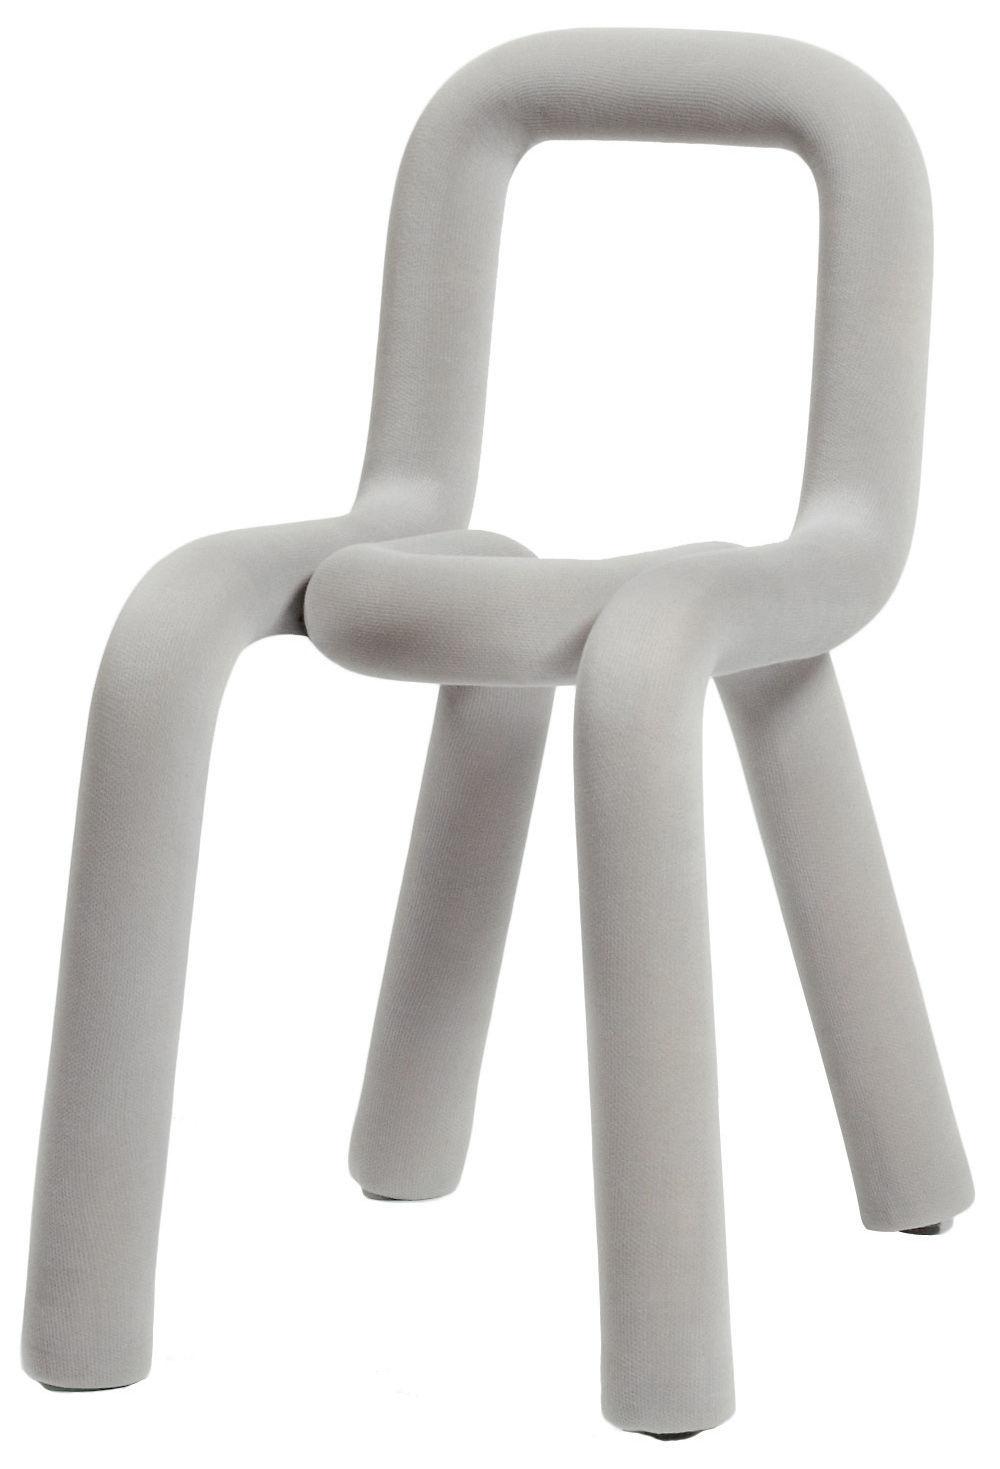 Möbel - Stühle  - Bold Gepolsterter Stuhl - Moustache - Hellgrau - Gewebe, Schaumstoff, Stahl